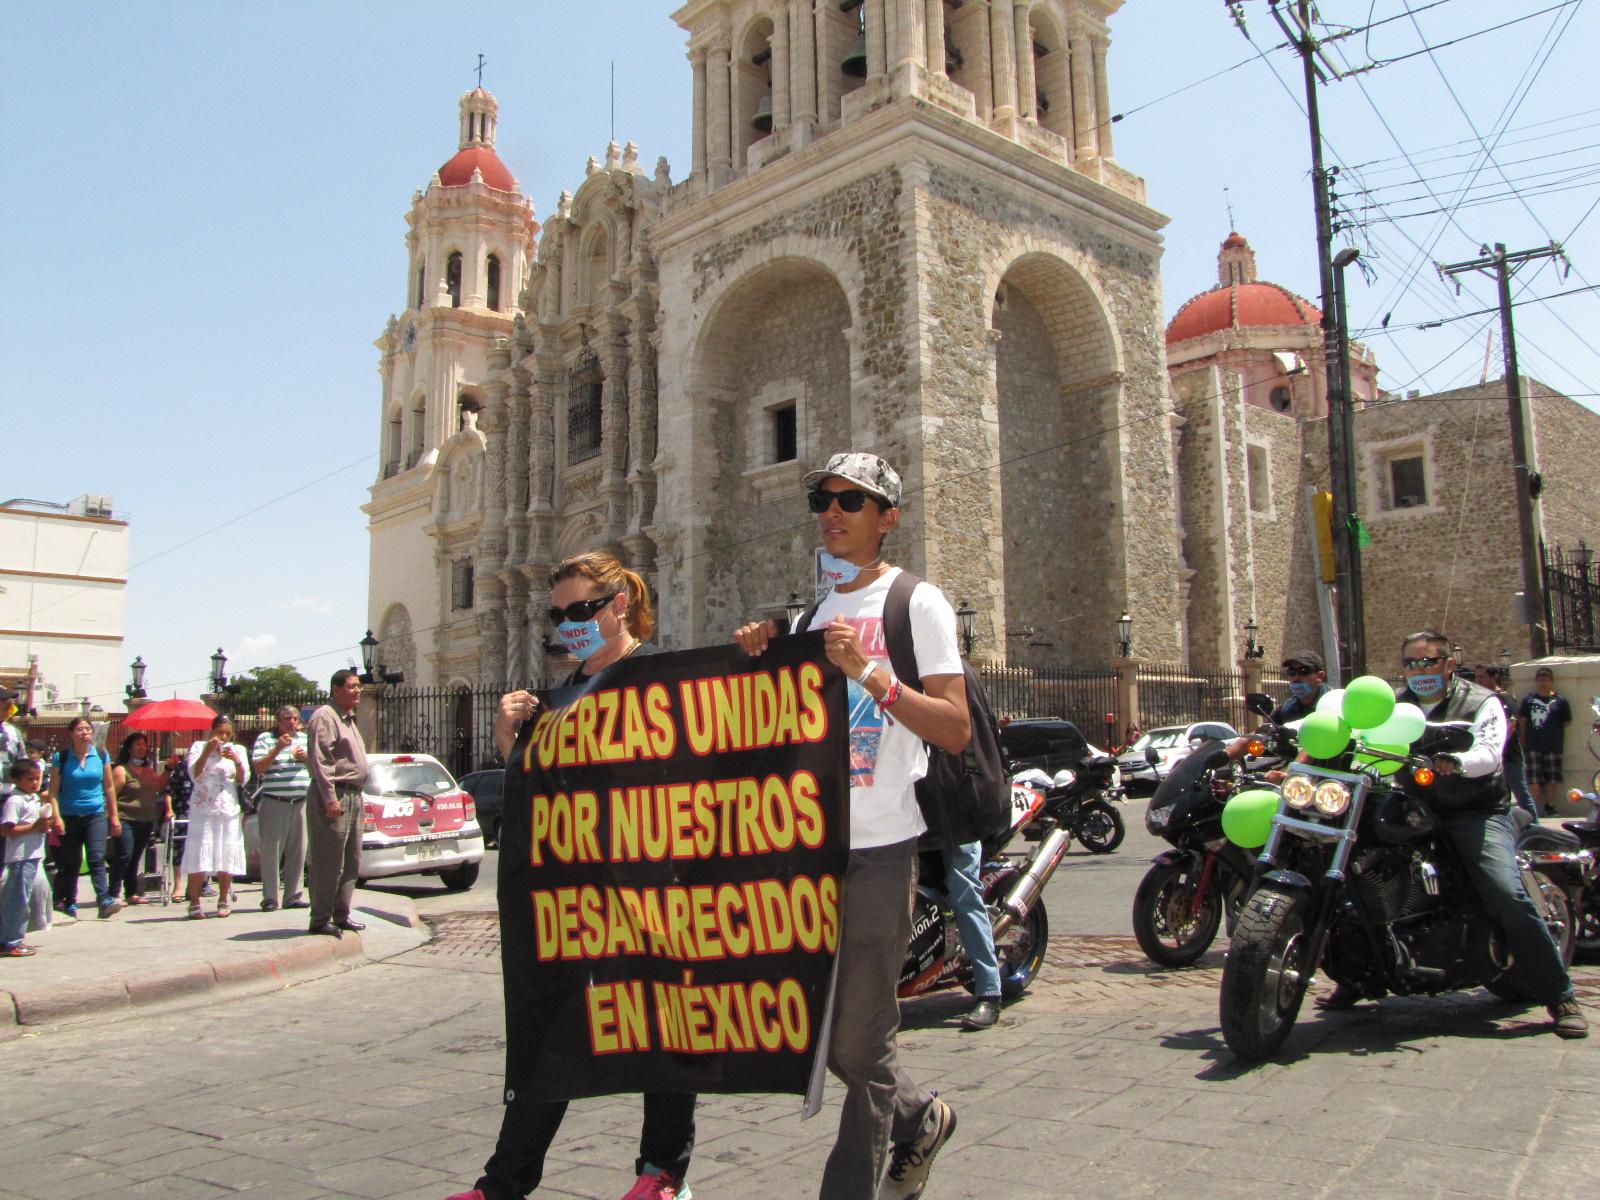 Caravana de búsqueda denuncia hostigamiento